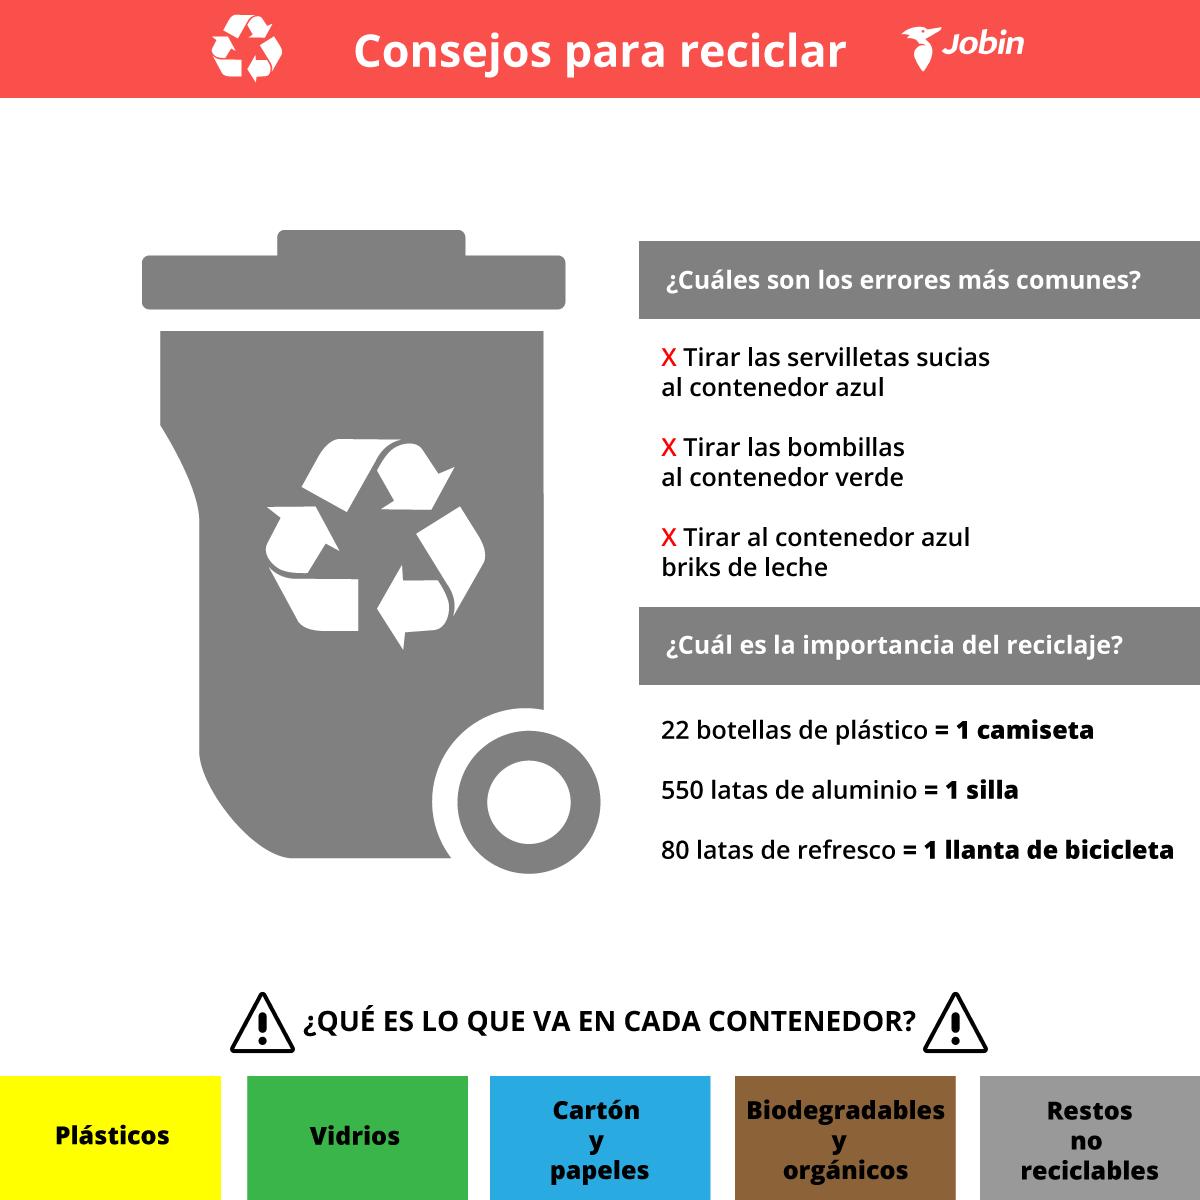 reciclar consejos